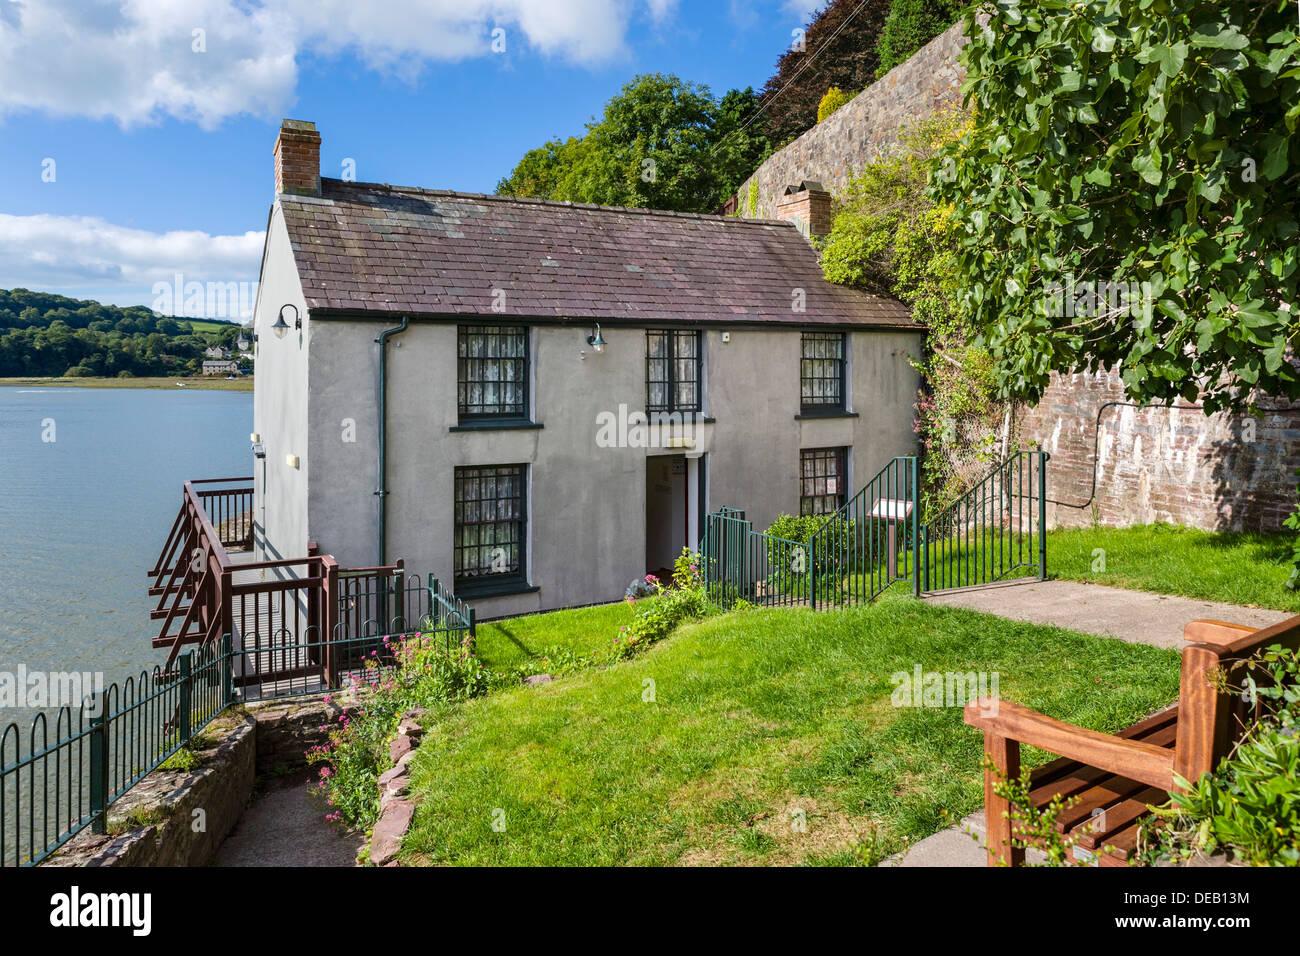 La remise à bateaux, le poète Dylan Thomas, ancienne maison à Laugharne, Carmarthenshire, Pays de Galles, Royaume-Uni Photo Stock